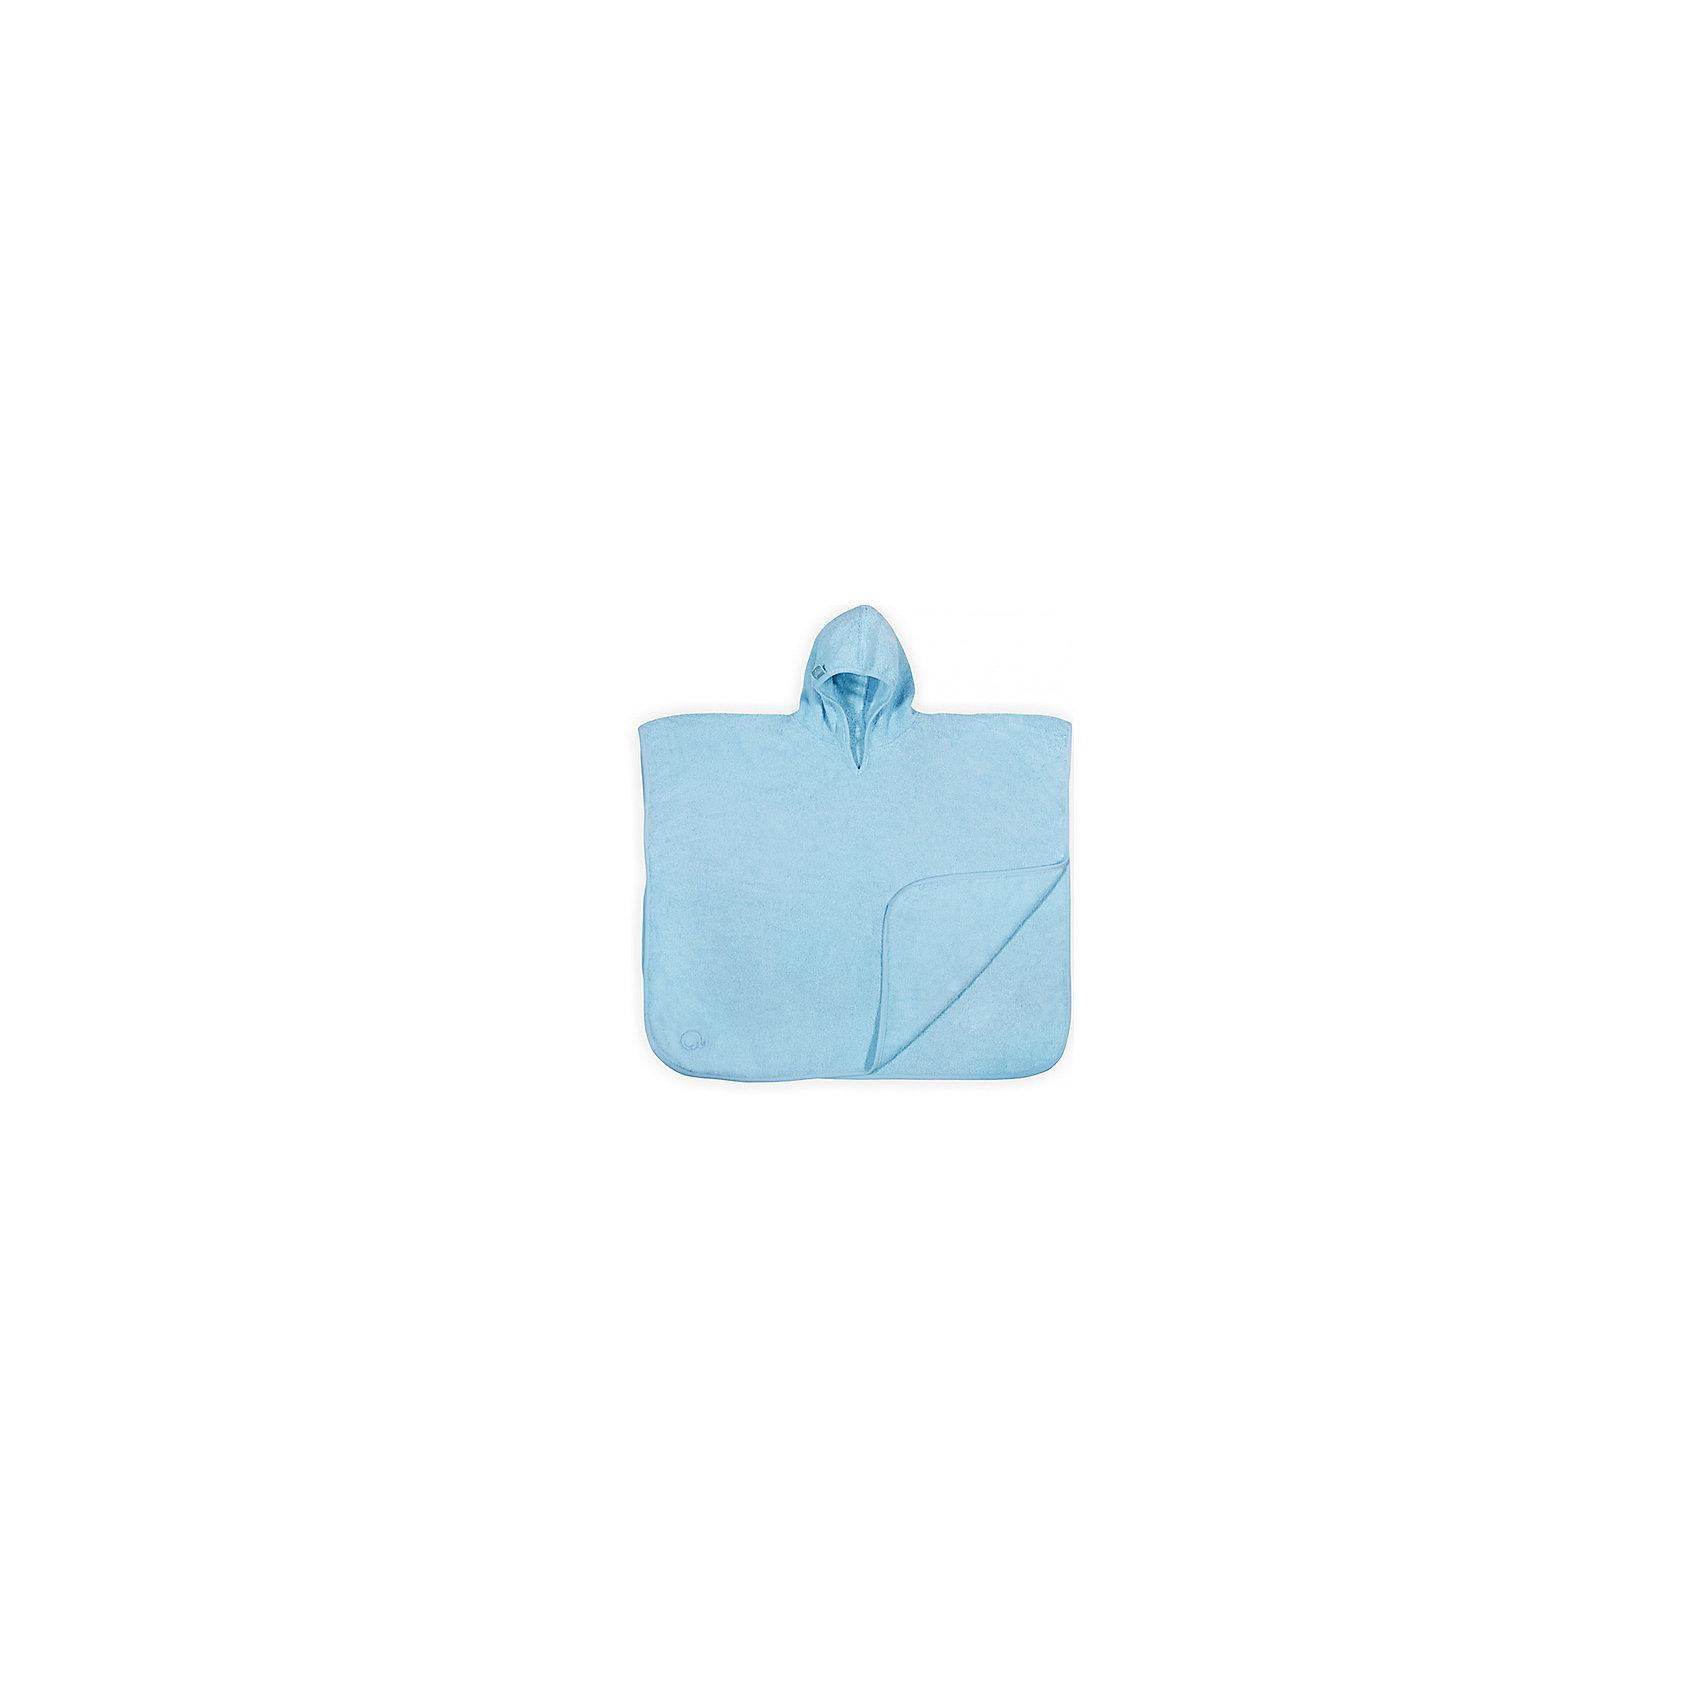 Полотенце-пончо 60 х70 см, Jollein, Light blueХарактеристики:<br><br>• Вид детского текстиля: полотенце-пончо<br>• Предназначение: для купания<br>• Пол: для мальчика<br>• Цвет: светло голубой<br>• Тематика рисунка: без рисунка<br>• Материал: 100% хлопок<br>• Наличие капюшона<br>• Размер: 60*70 см<br>• Вес: 400 г<br>• Особенности ухода: машинная или ручная стирка при температуре не более 40 градусов<br><br>Полотенце-пончо 60 х70 см, Jollein, Light blue от торговой марки Жолляйн, которая является признанным лидером среди аналогичных брендов, выпускающих детское постельное белье и текстиль для новорожденных и детей. Продукция этого торгового бренда отличается высоким качеством и дизайнерским стилем. <br><br>Изделие предназначено для купания детей в возрасте от 6-ти месяцев. Полотенце выполнено из махрового полотна, состоящего из натурального хлопка, что обеспечивает быструю впитываемость, высыхание и сохранение формы и цвета при частных стирках. У изделия предусмотрен капюшон и длинные полы. <br><br>Все края изделия обработаны эластичным кантом, что защищает от натирания нежной детской кожи. Полотенце-пончо 60 х70 см, Jollein, Light blue обеспечит малышу комфортный отдых после купания!<br><br>Полотенце-пончо 60 х70 см, Jollein, Light blue можно купить в нашем интернет-магазине.<br><br>Ширина мм: 300<br>Глубина мм: 300<br>Высота мм: 25<br>Вес г: 400<br>Возраст от месяцев: 0<br>Возраст до месяцев: 36<br>Пол: Мужской<br>Возраст: Детский<br>SKU: 5367192